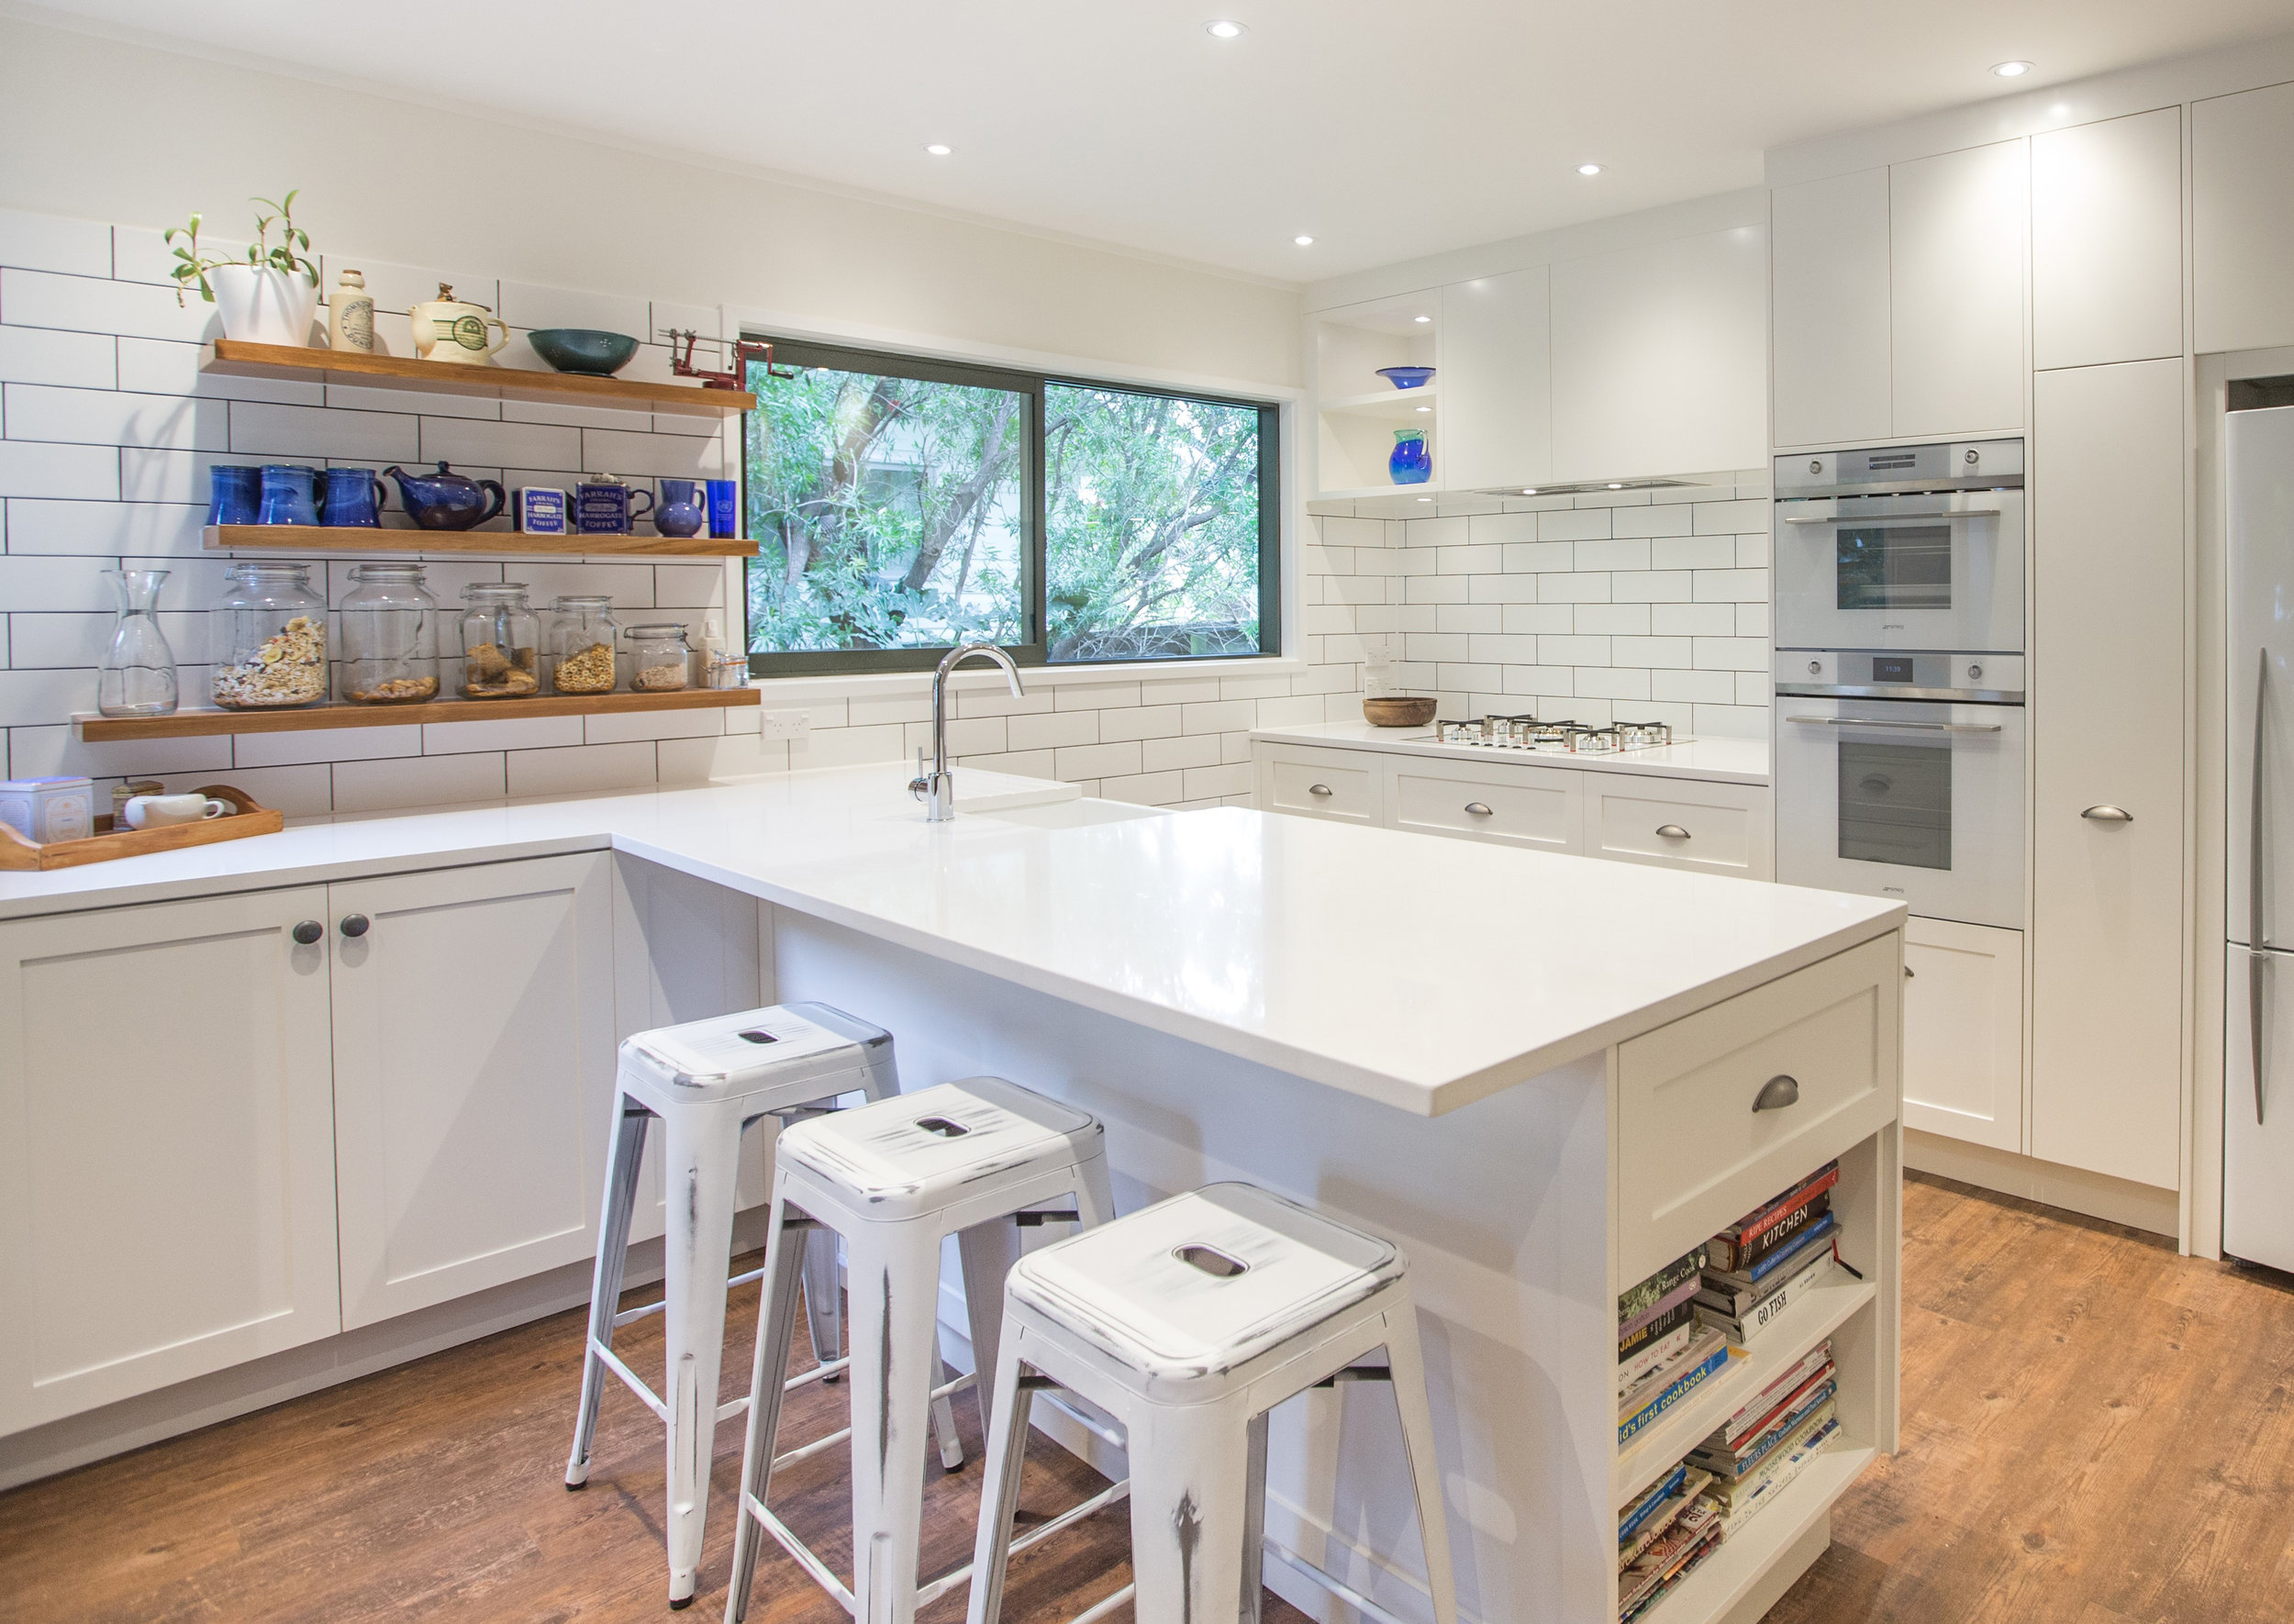 In Haus Design White Kitchen 01 crop.jpg